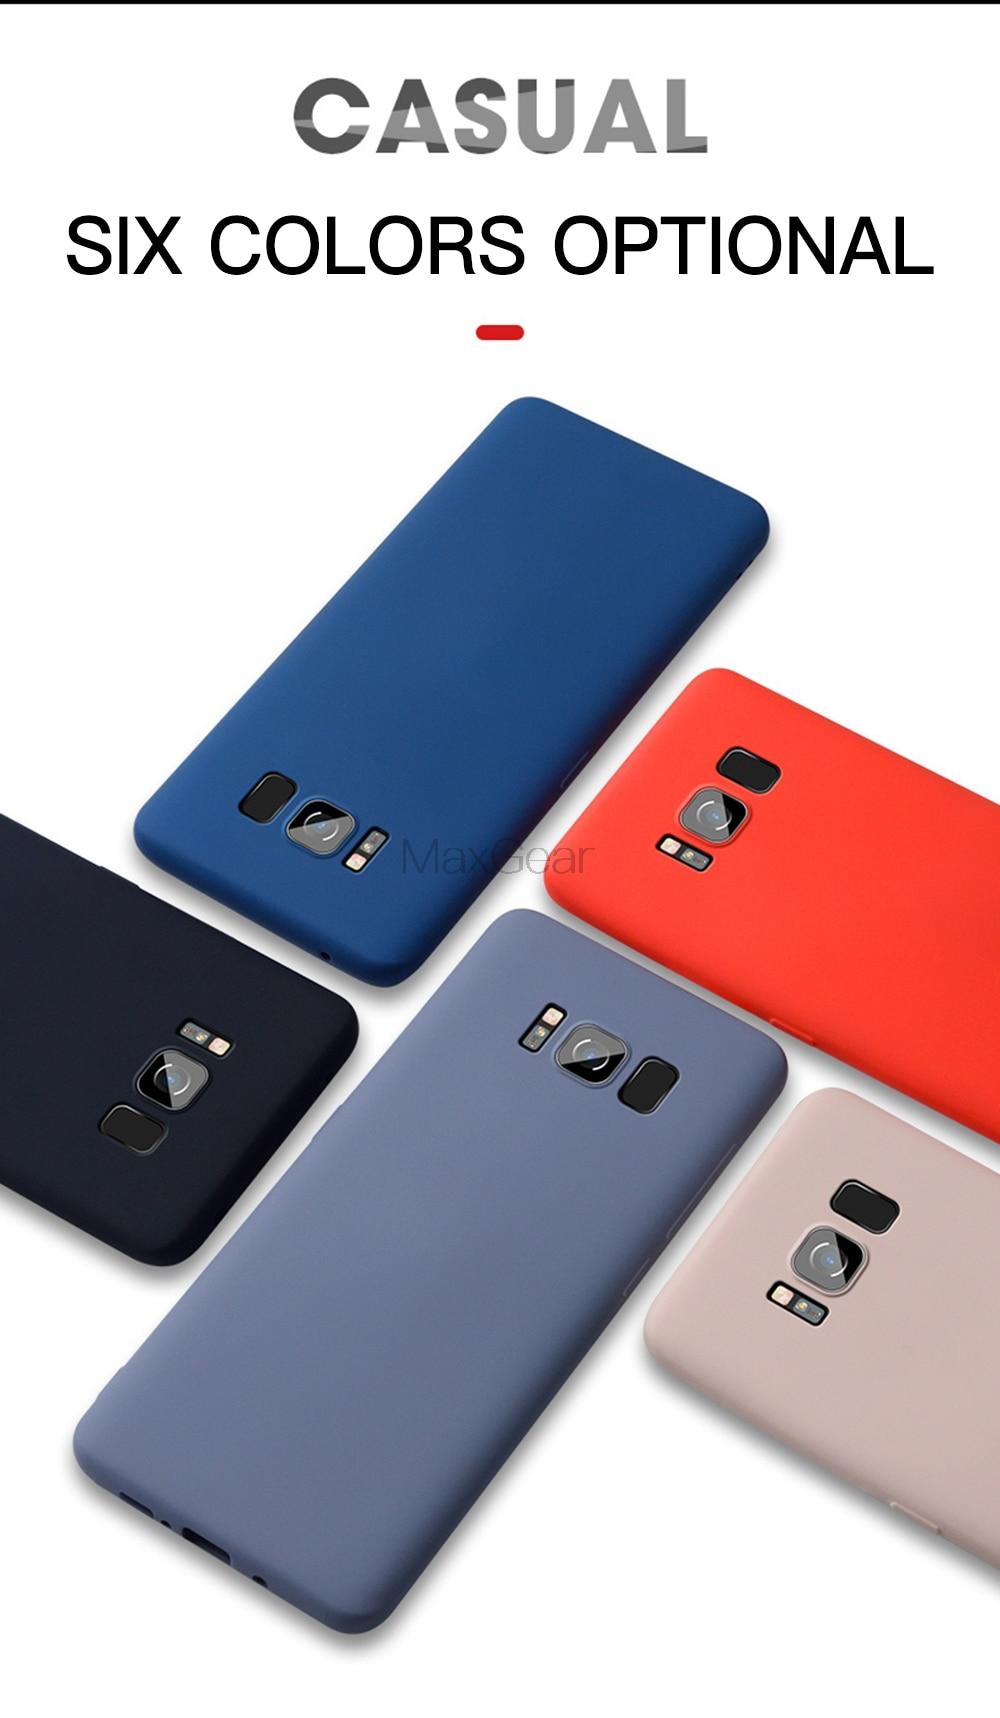 Istnieje 6 wersji kolorystycznych.